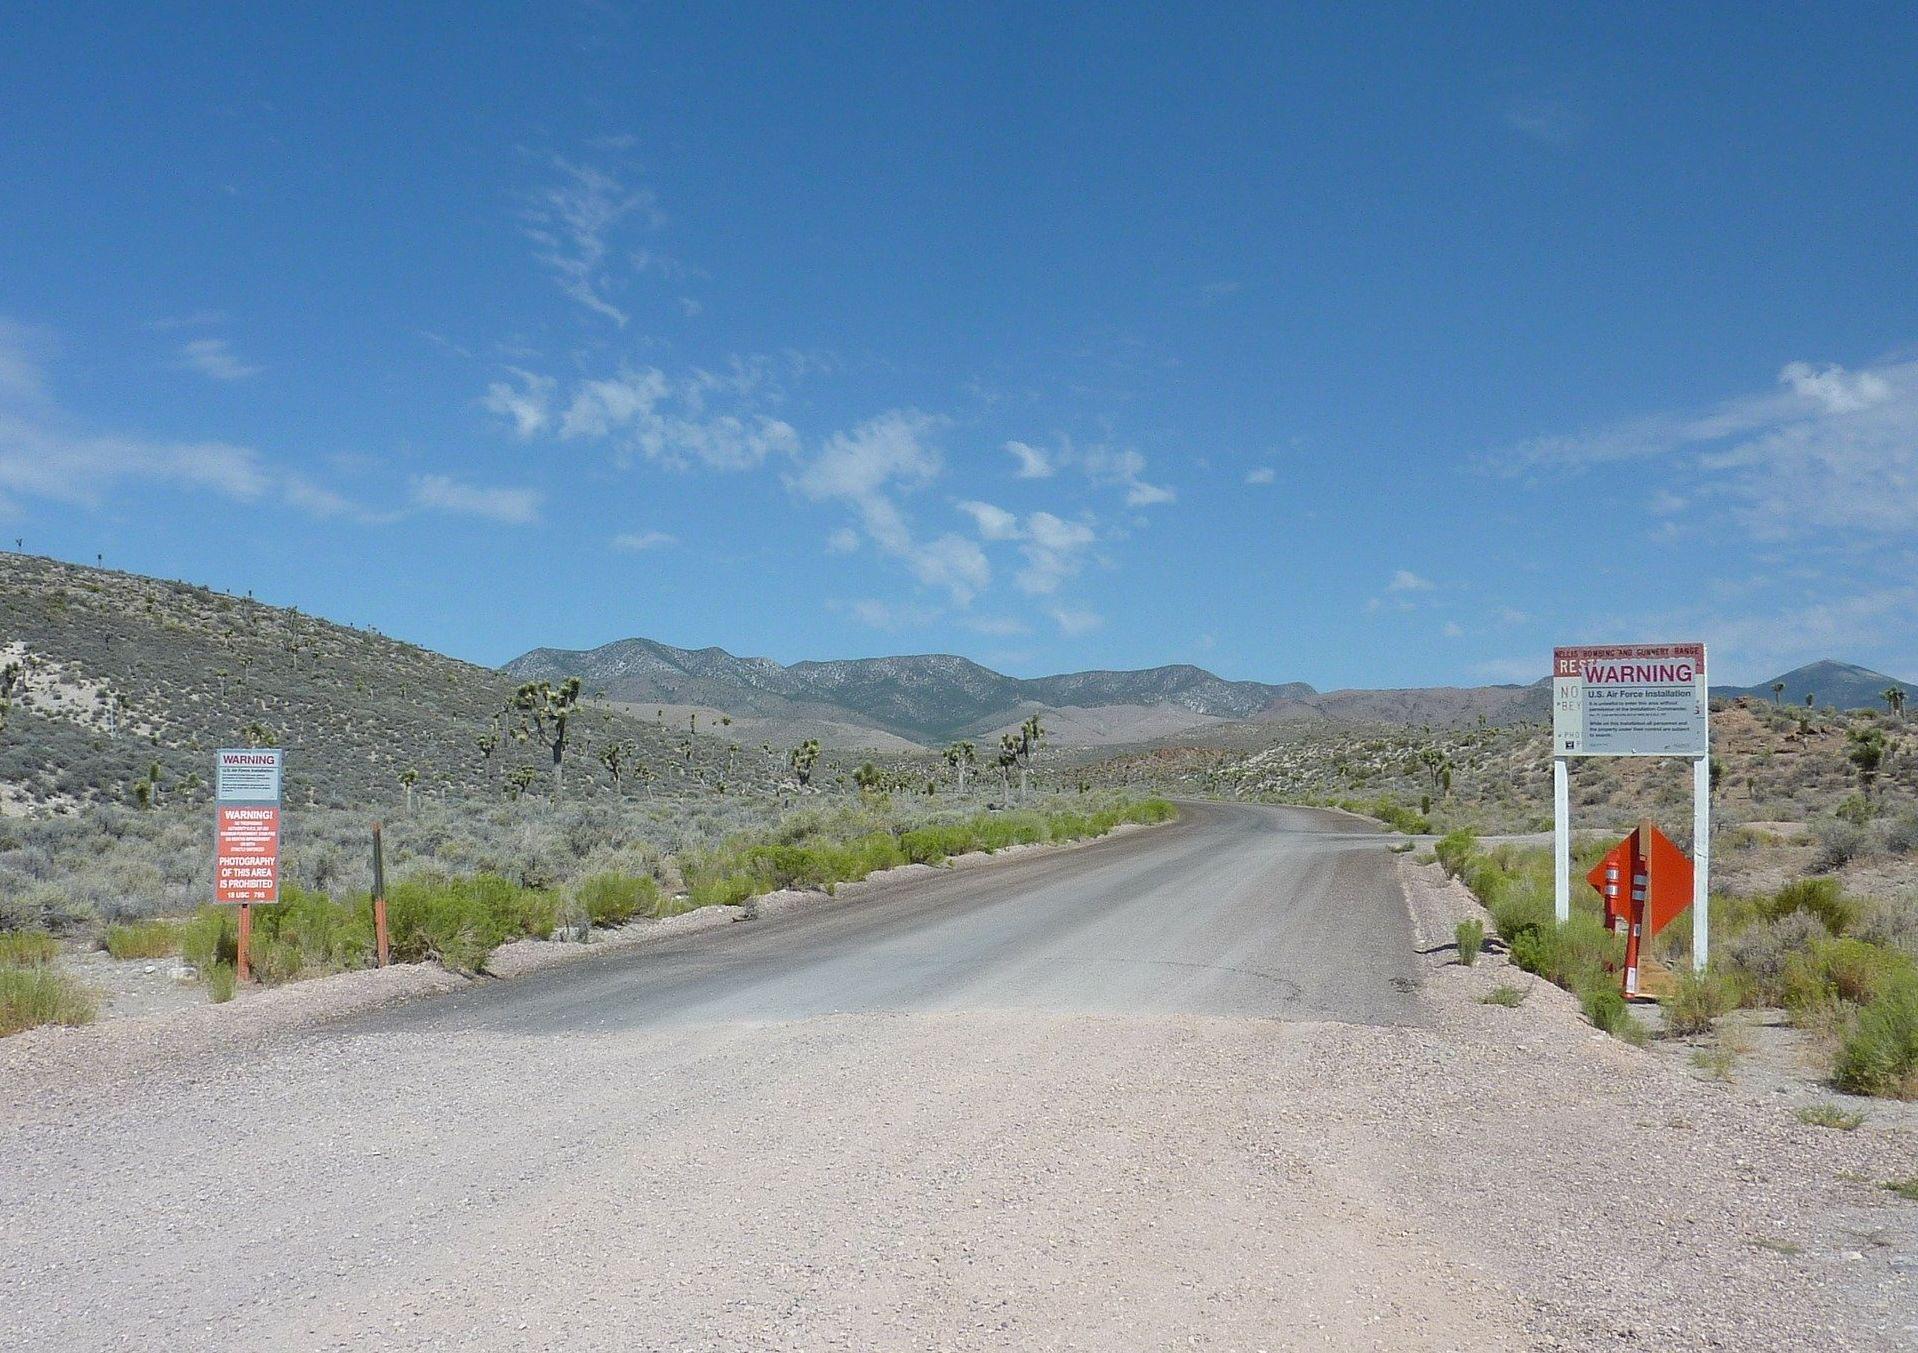 Carretera hacia el Área 51 en EEUU (imagen referencial)